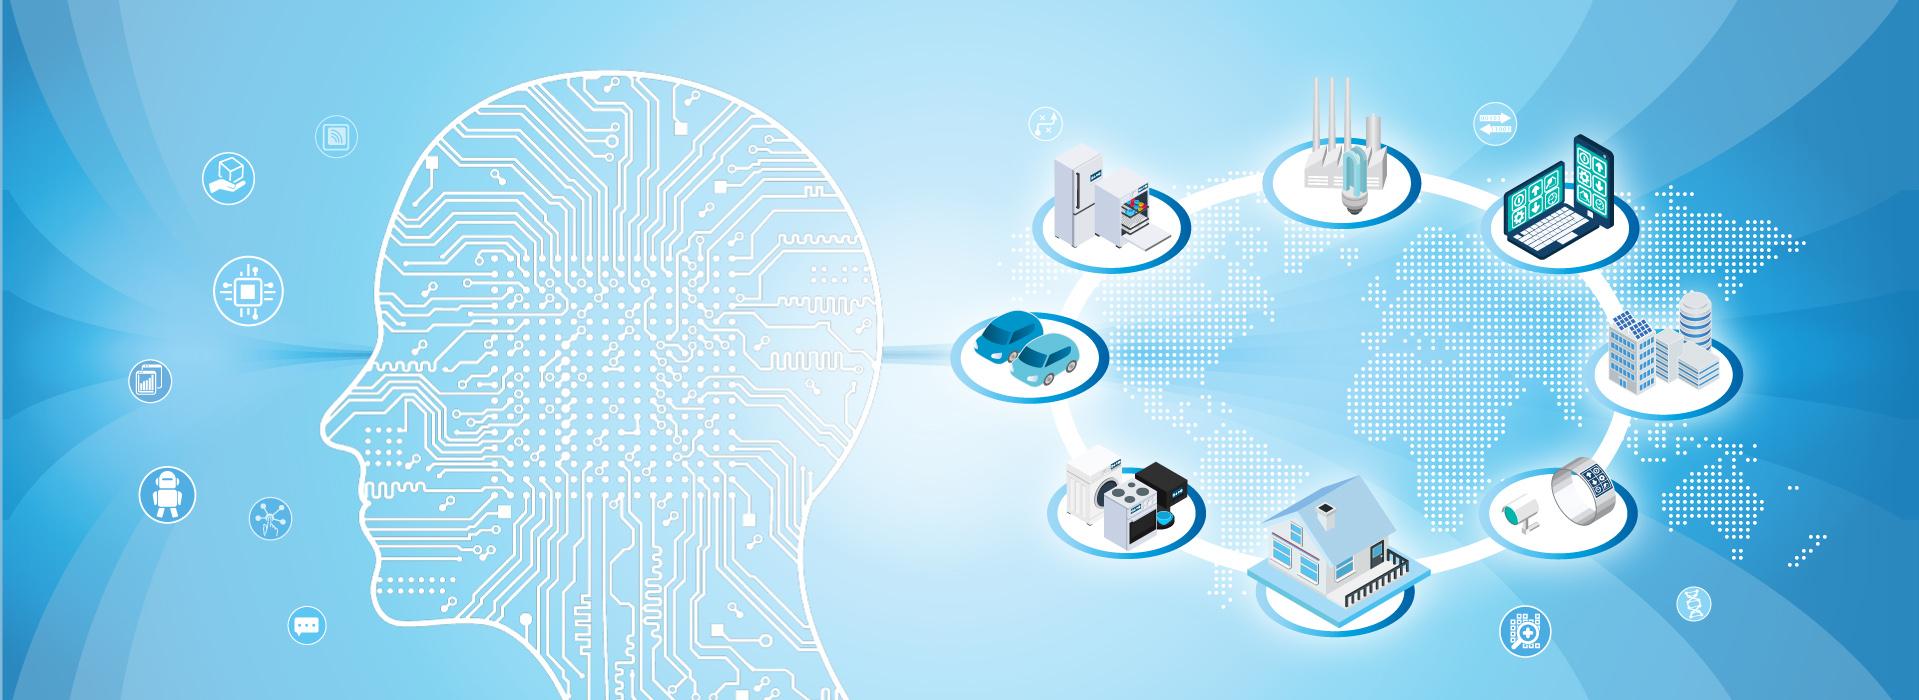 當人工智慧遇上物聯網 迎接AIoT智慧時代